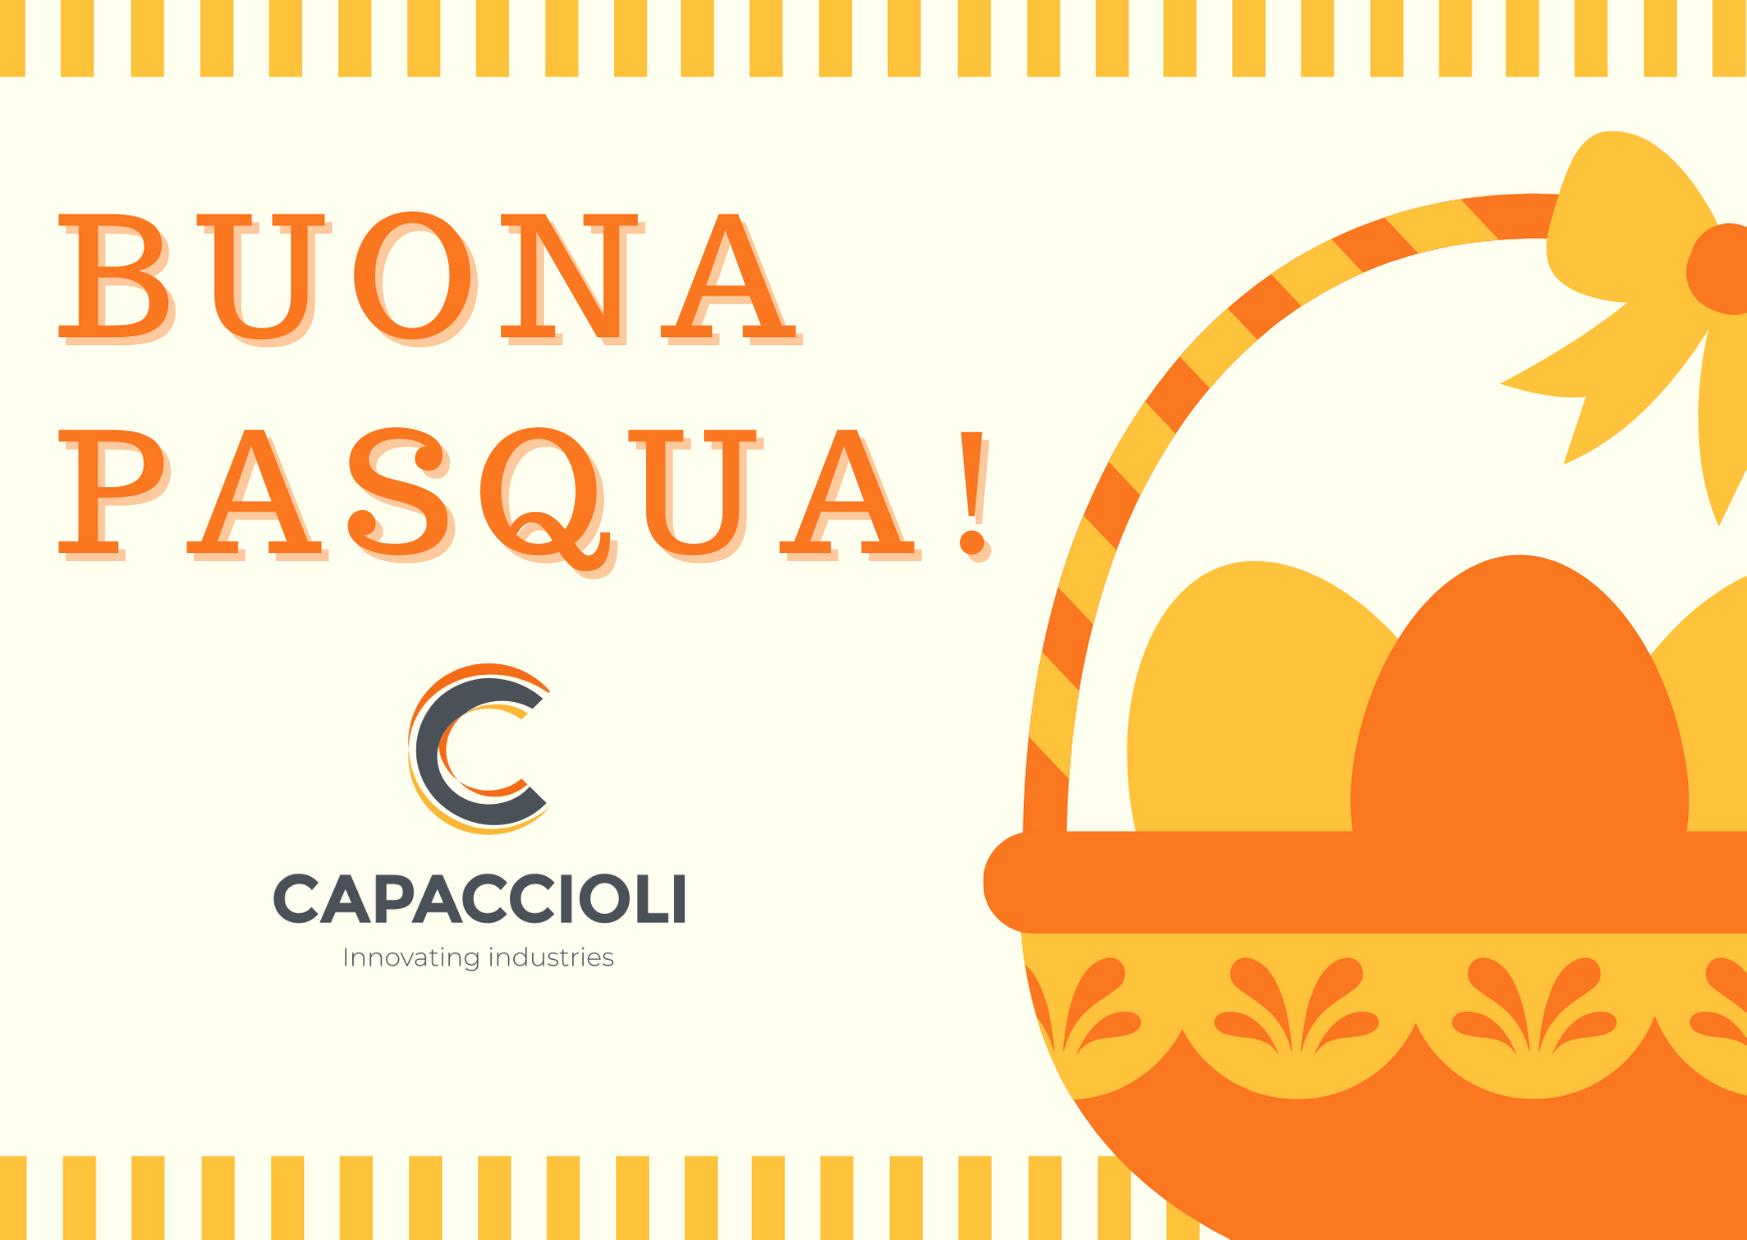 Buona Pasqua Capaccioli